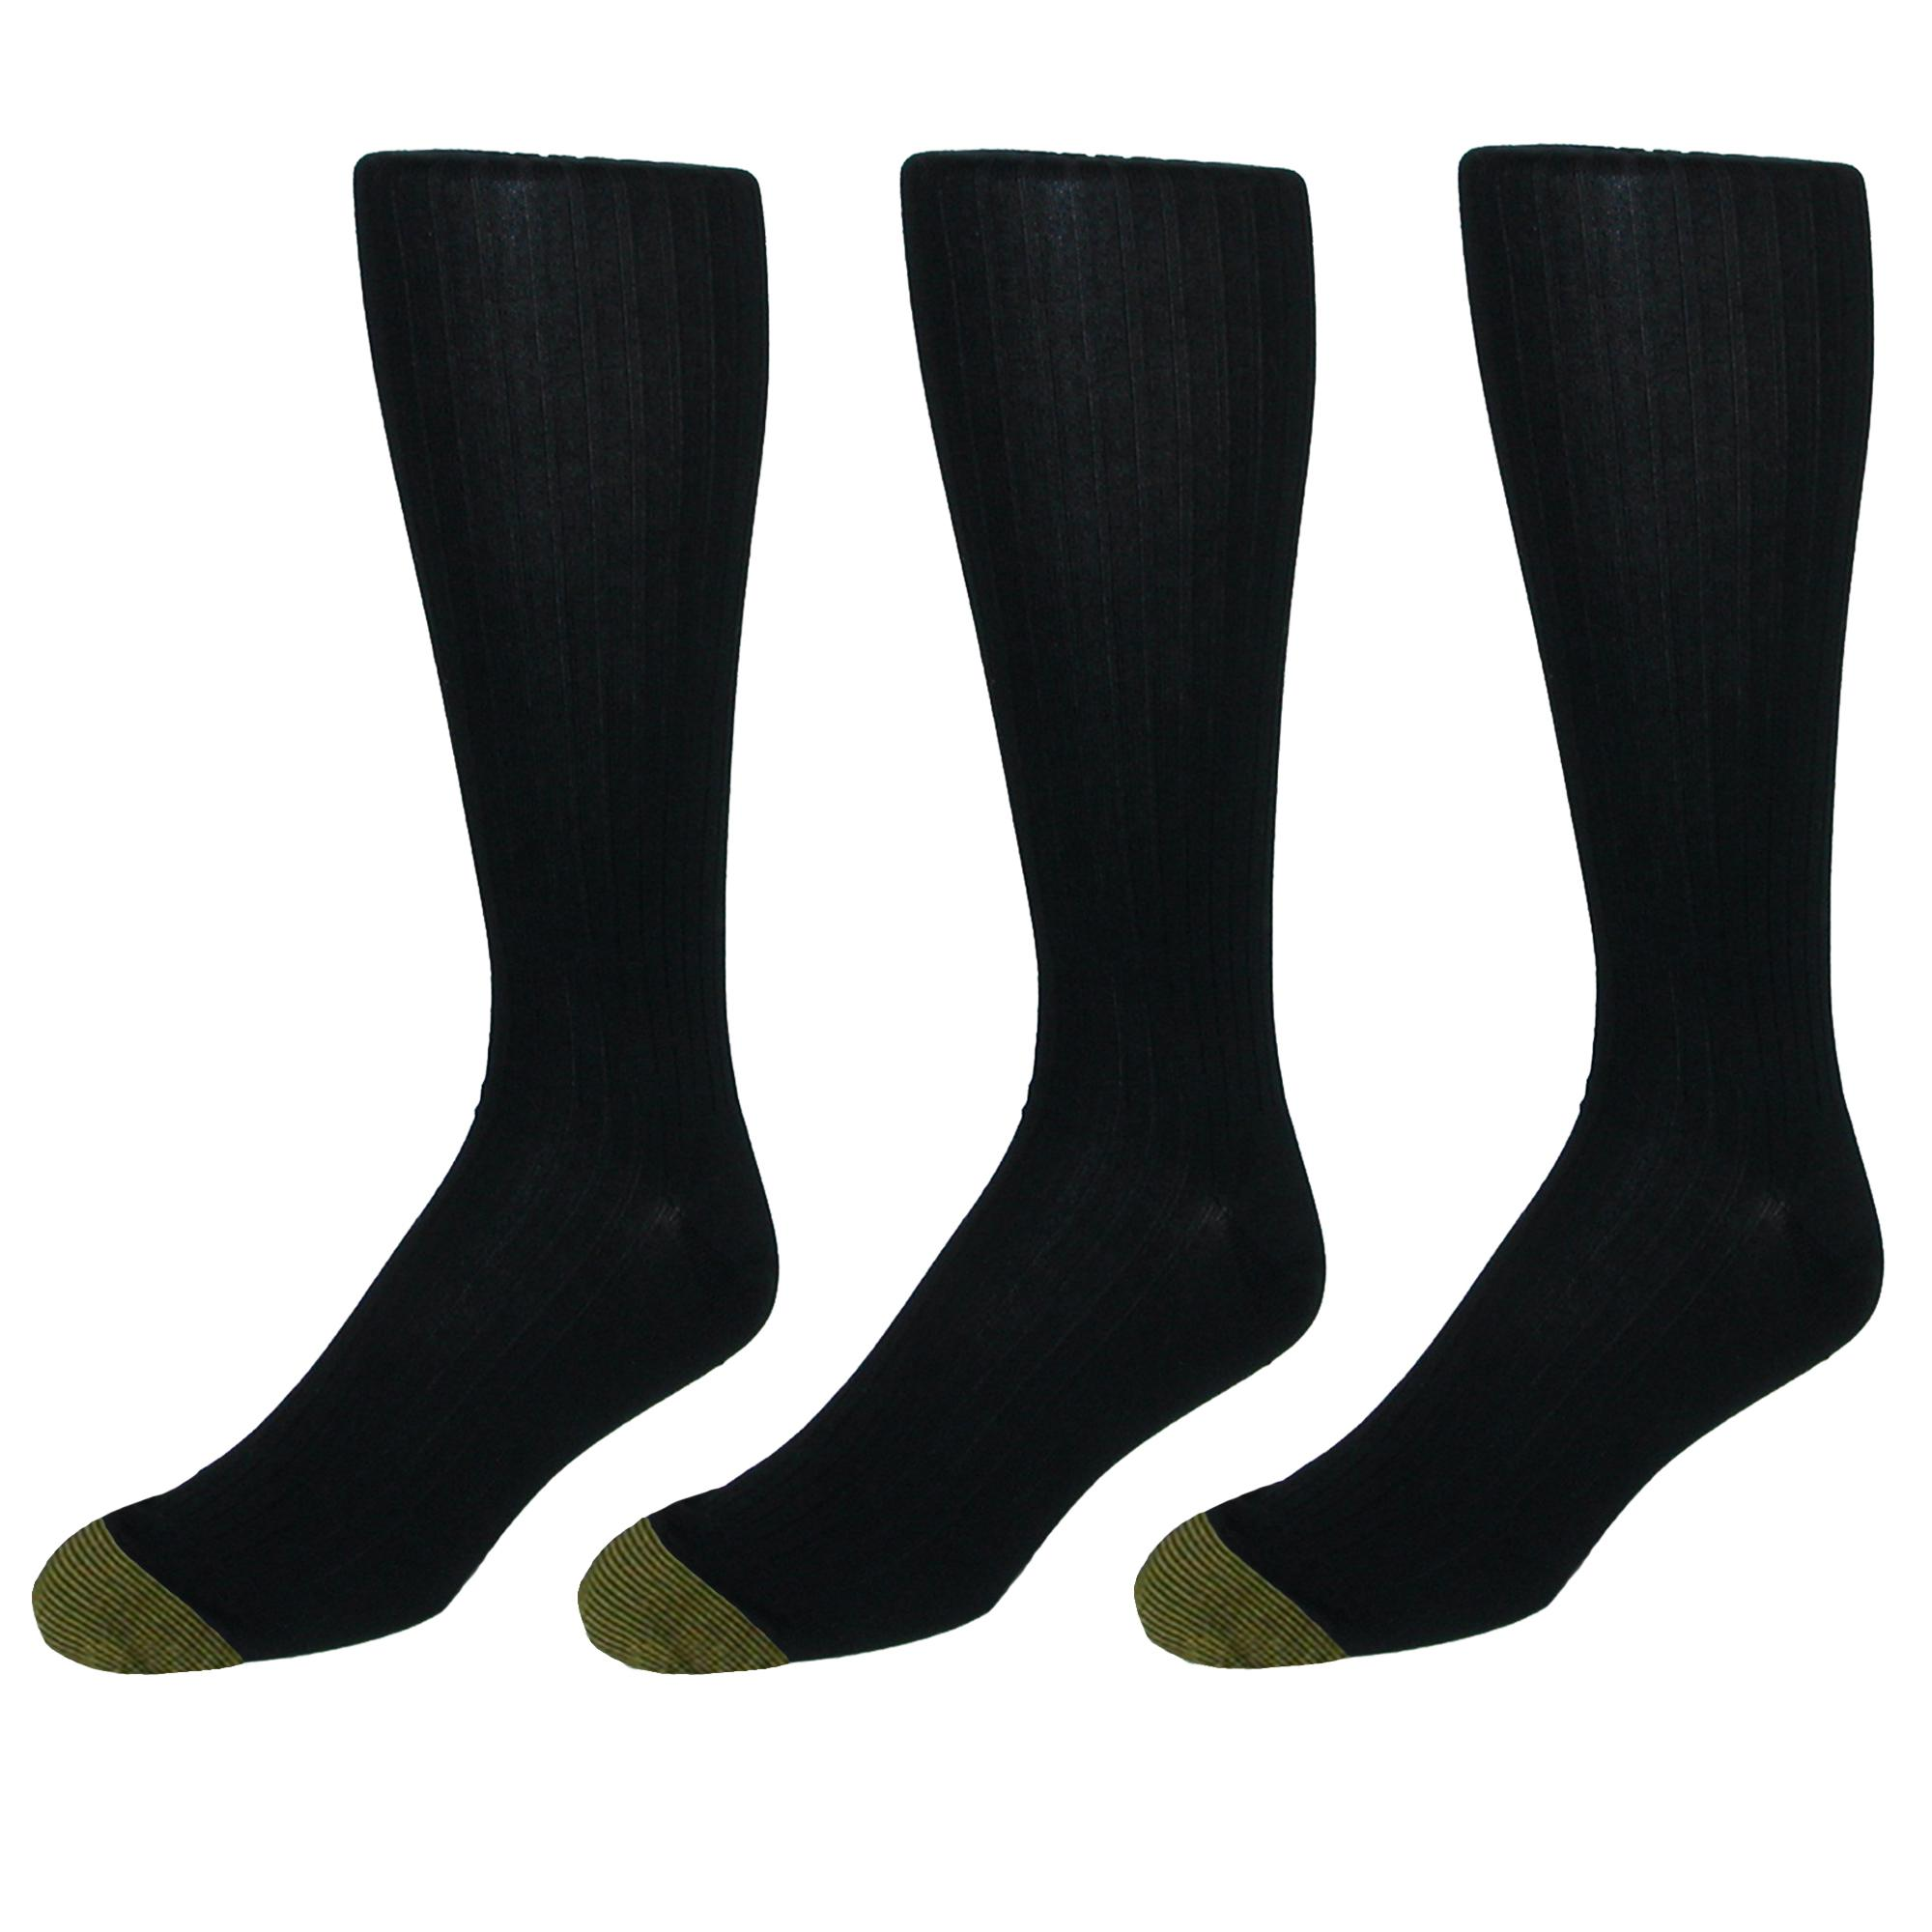 3 Pair Gold Toe Men/'s Premium Windsor Wool Over The Calf Dress Sock